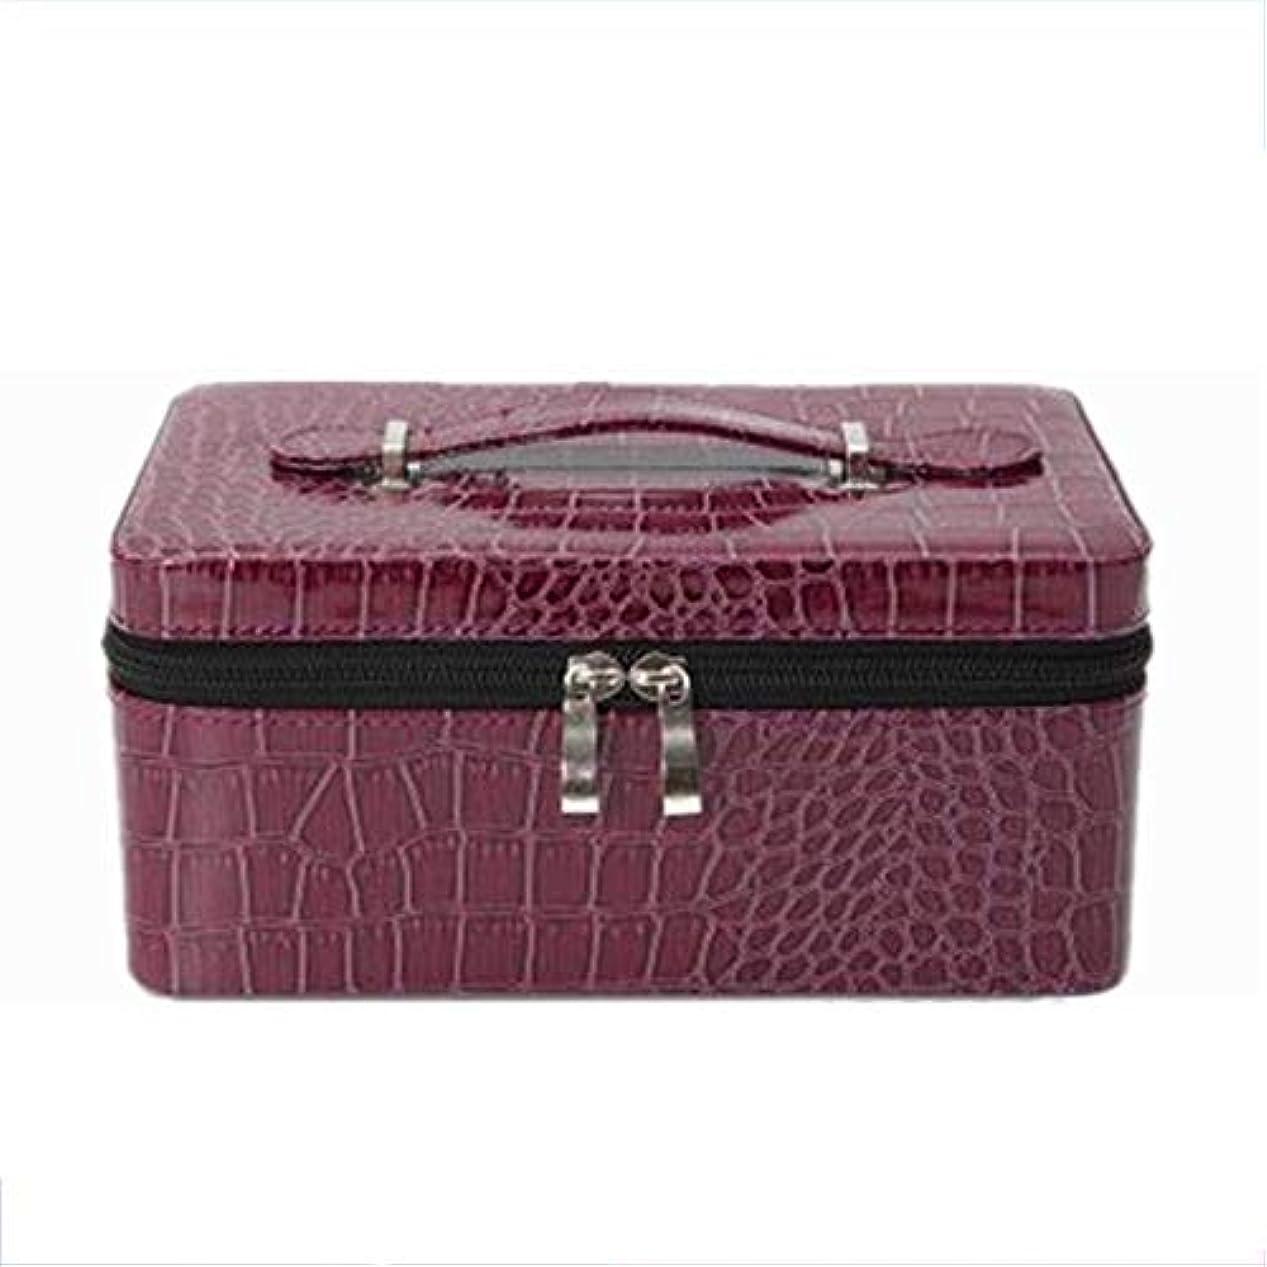 腫瘍風刺差別化するアロマセラピー収納ボックス 旅行主催2-15用PU石油貯蔵スーツケースは完璧な旅行の荷物をまとめmlの エッセンシャルオイル収納ボックス (色 : 紫の, サイズ : 22.5X14.8X10.3CM)